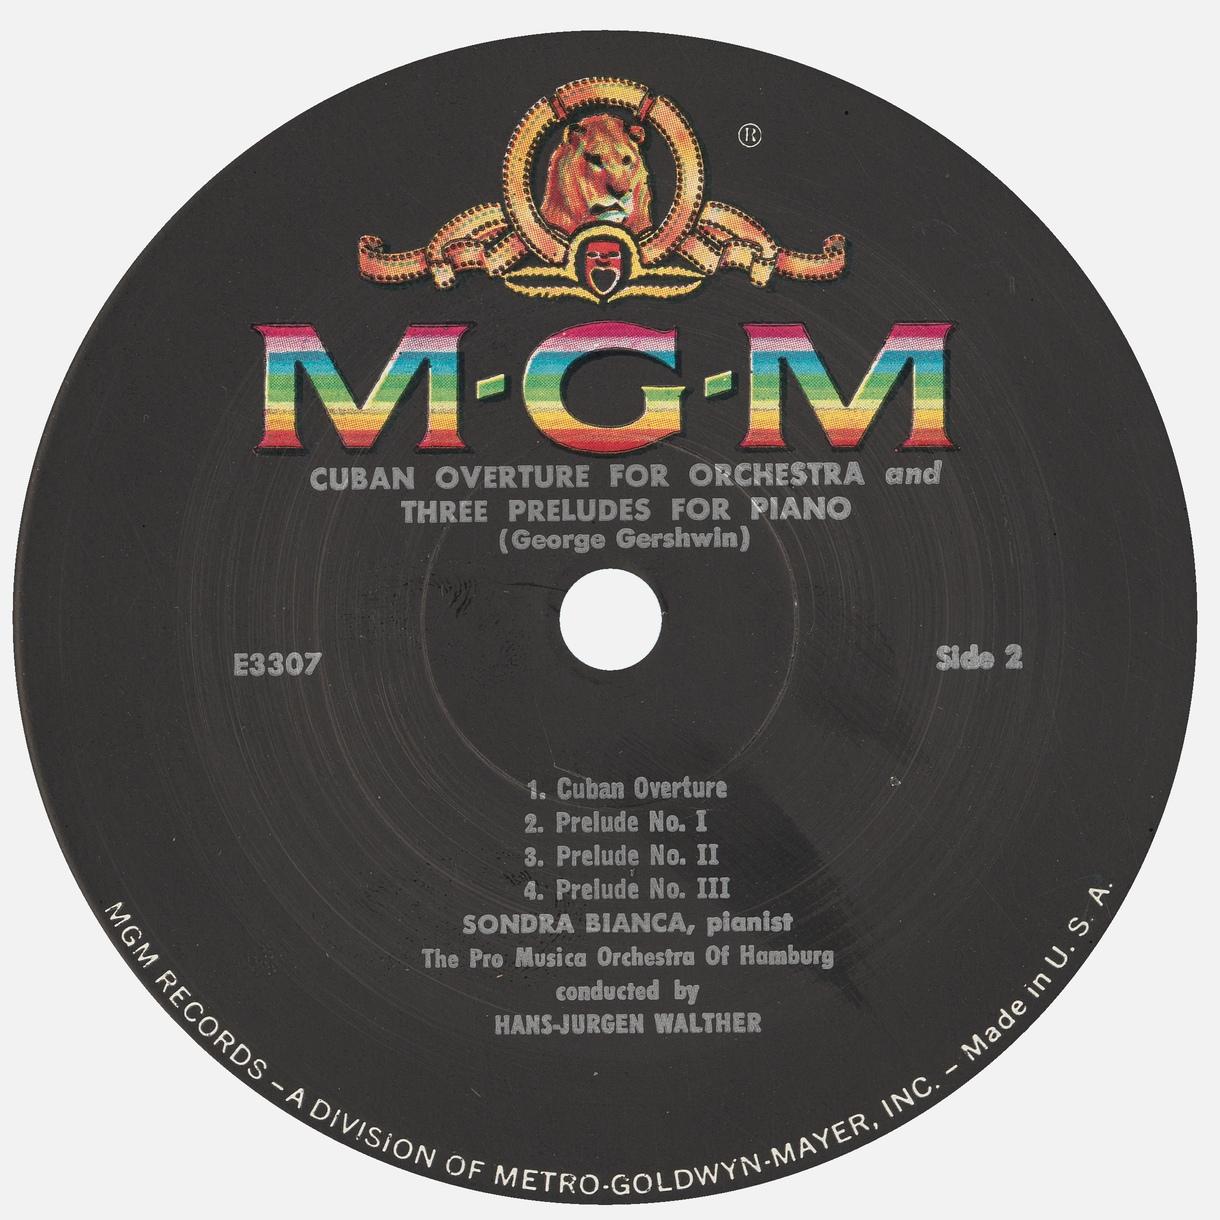 Étiquette verso du disque Metro Goldwyn Mayer MGM 3307, Cliquer sur la photo pour une vue agrandie